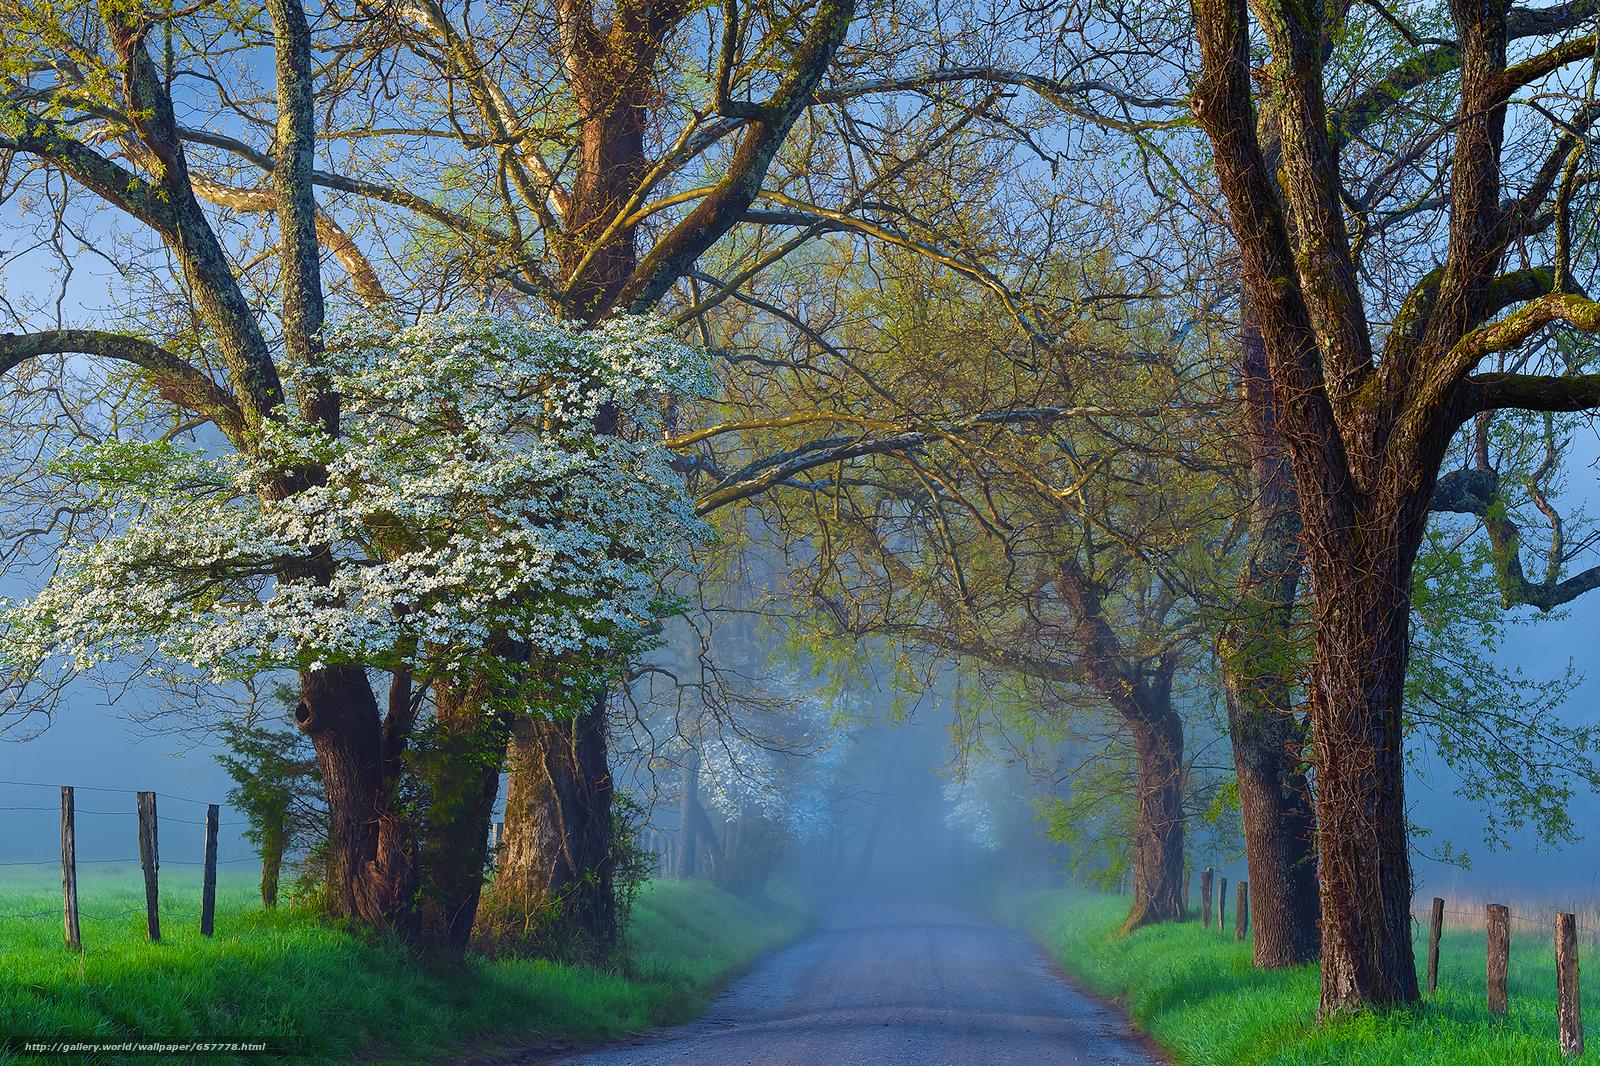 road, field, trees, fog, landscape